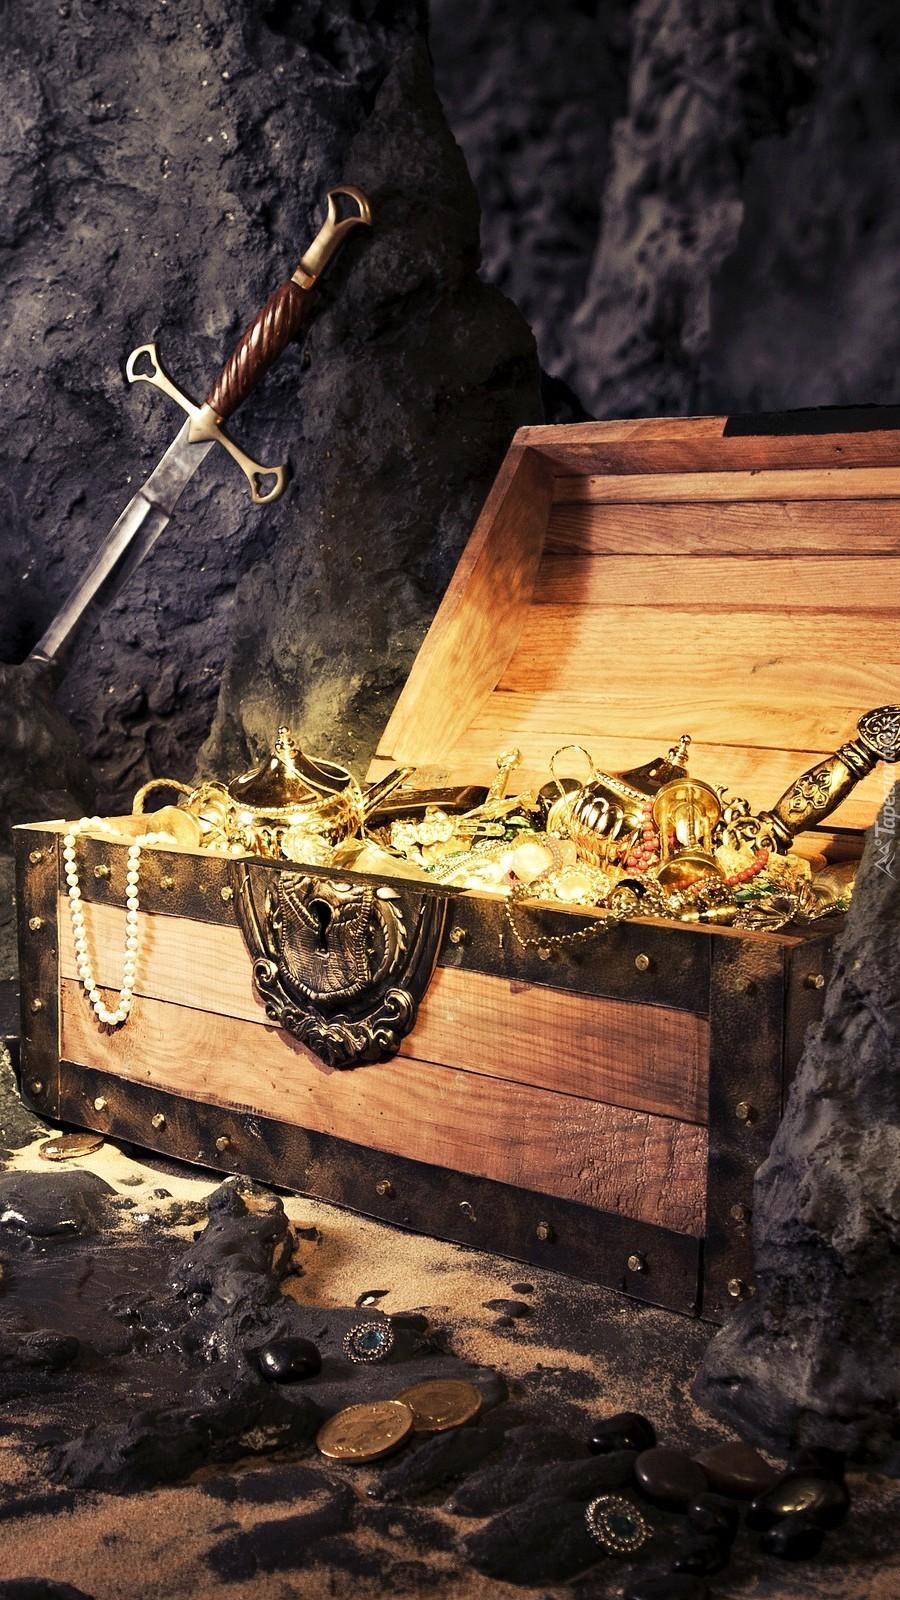 Skrzynia ze skarbami w jaskini